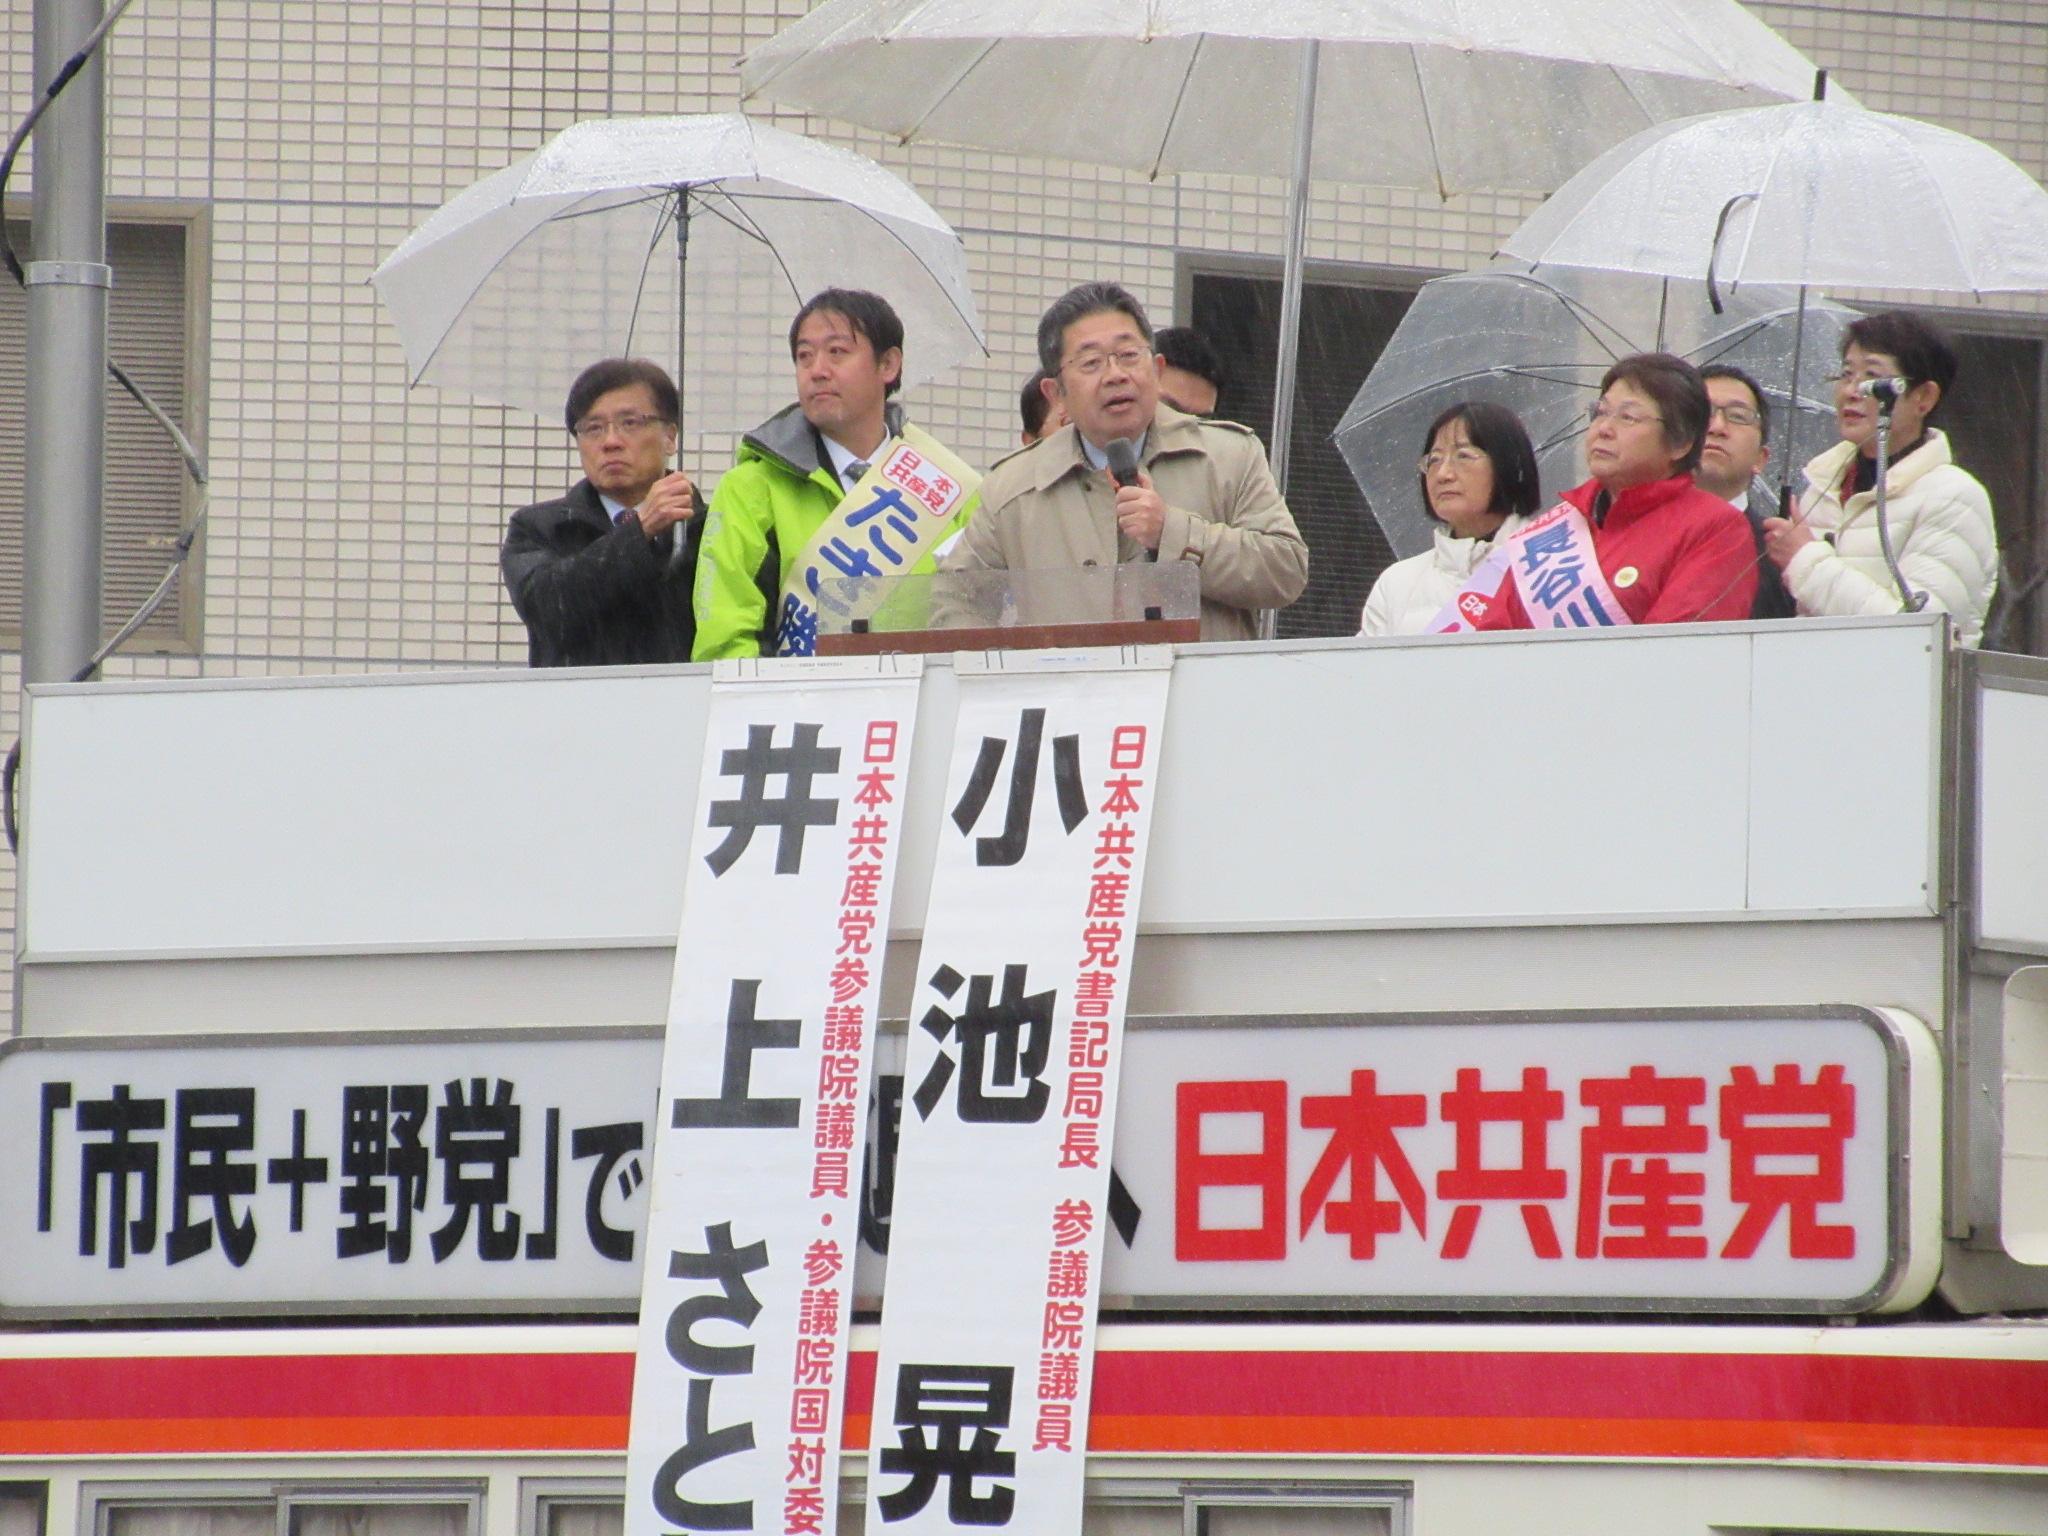 http://www.inoue-satoshi.com/diary/IMG_3172.JPG